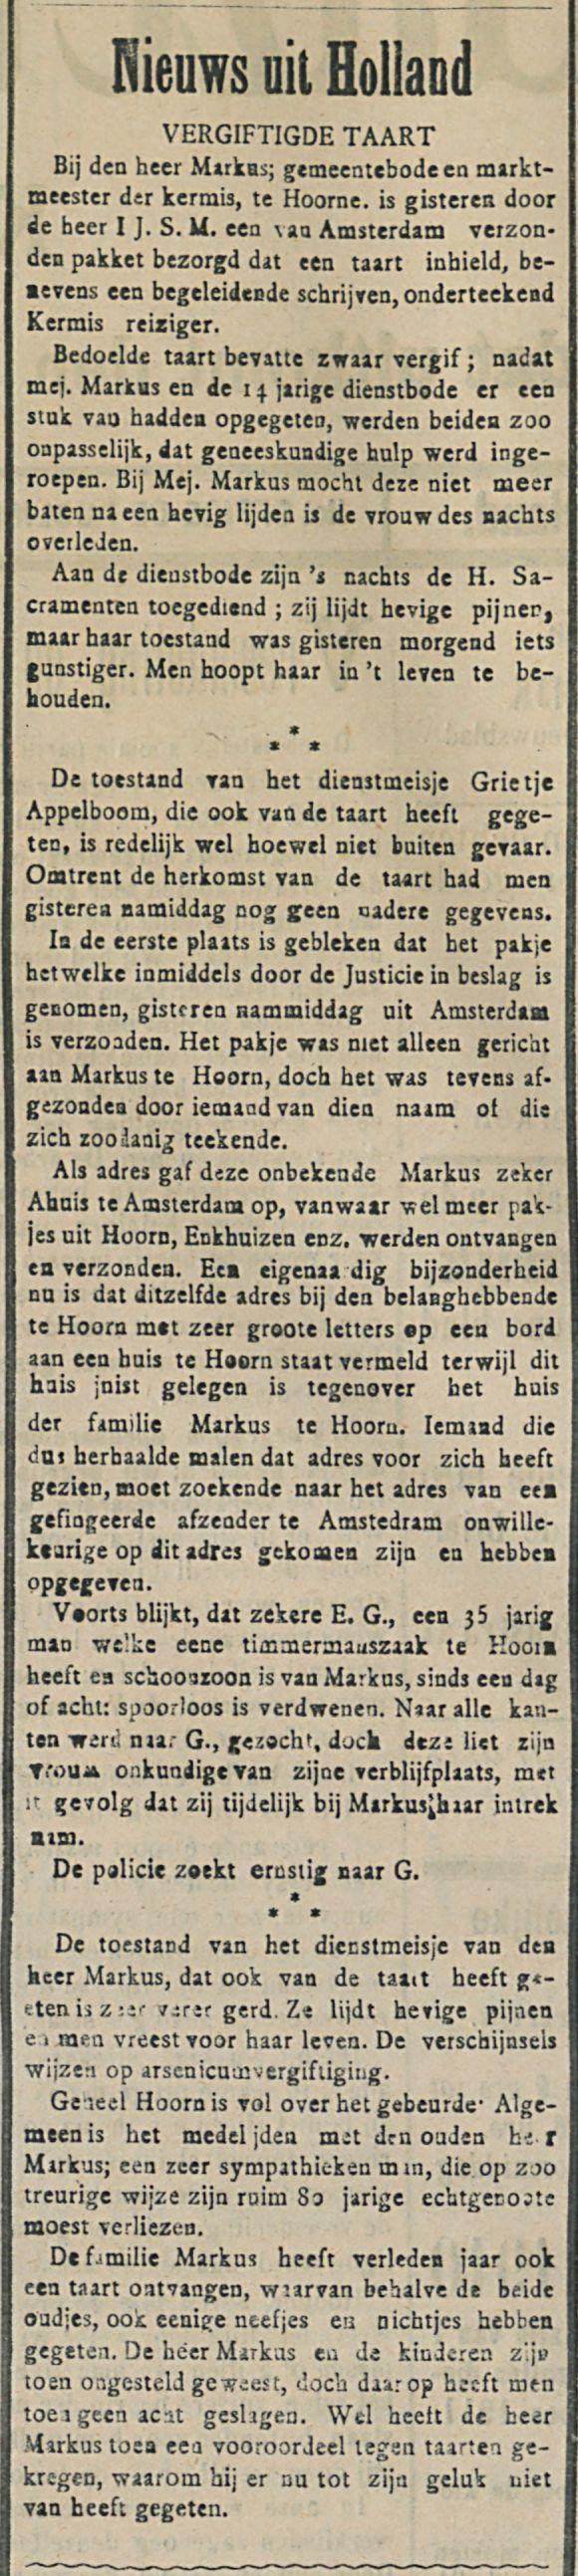 Nieuws uit Holland